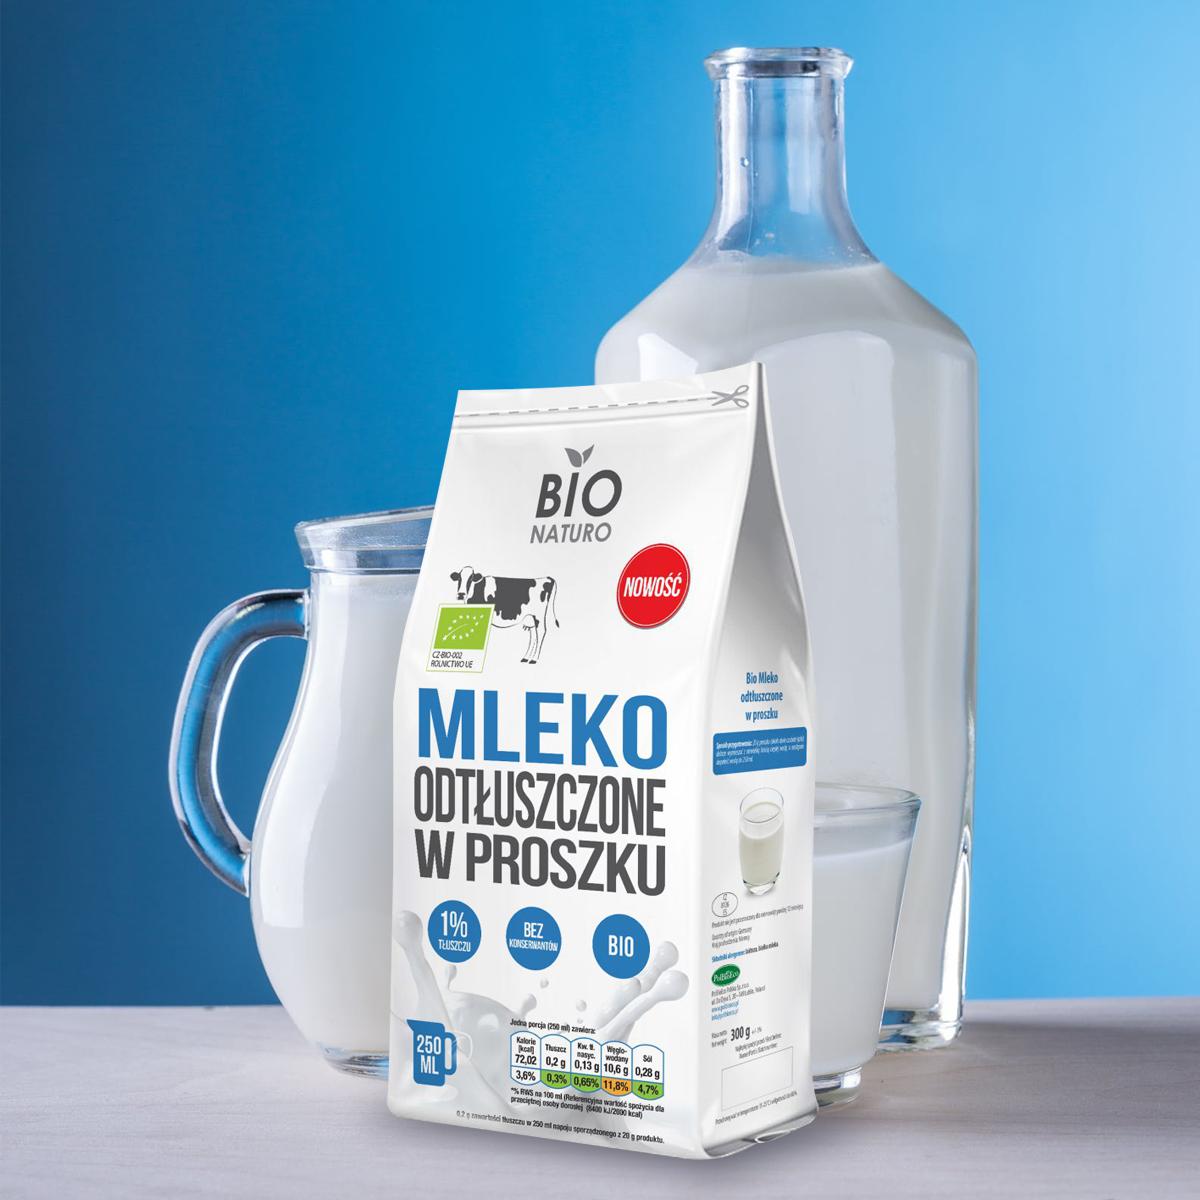 Mleko odtłuszczone w proszku